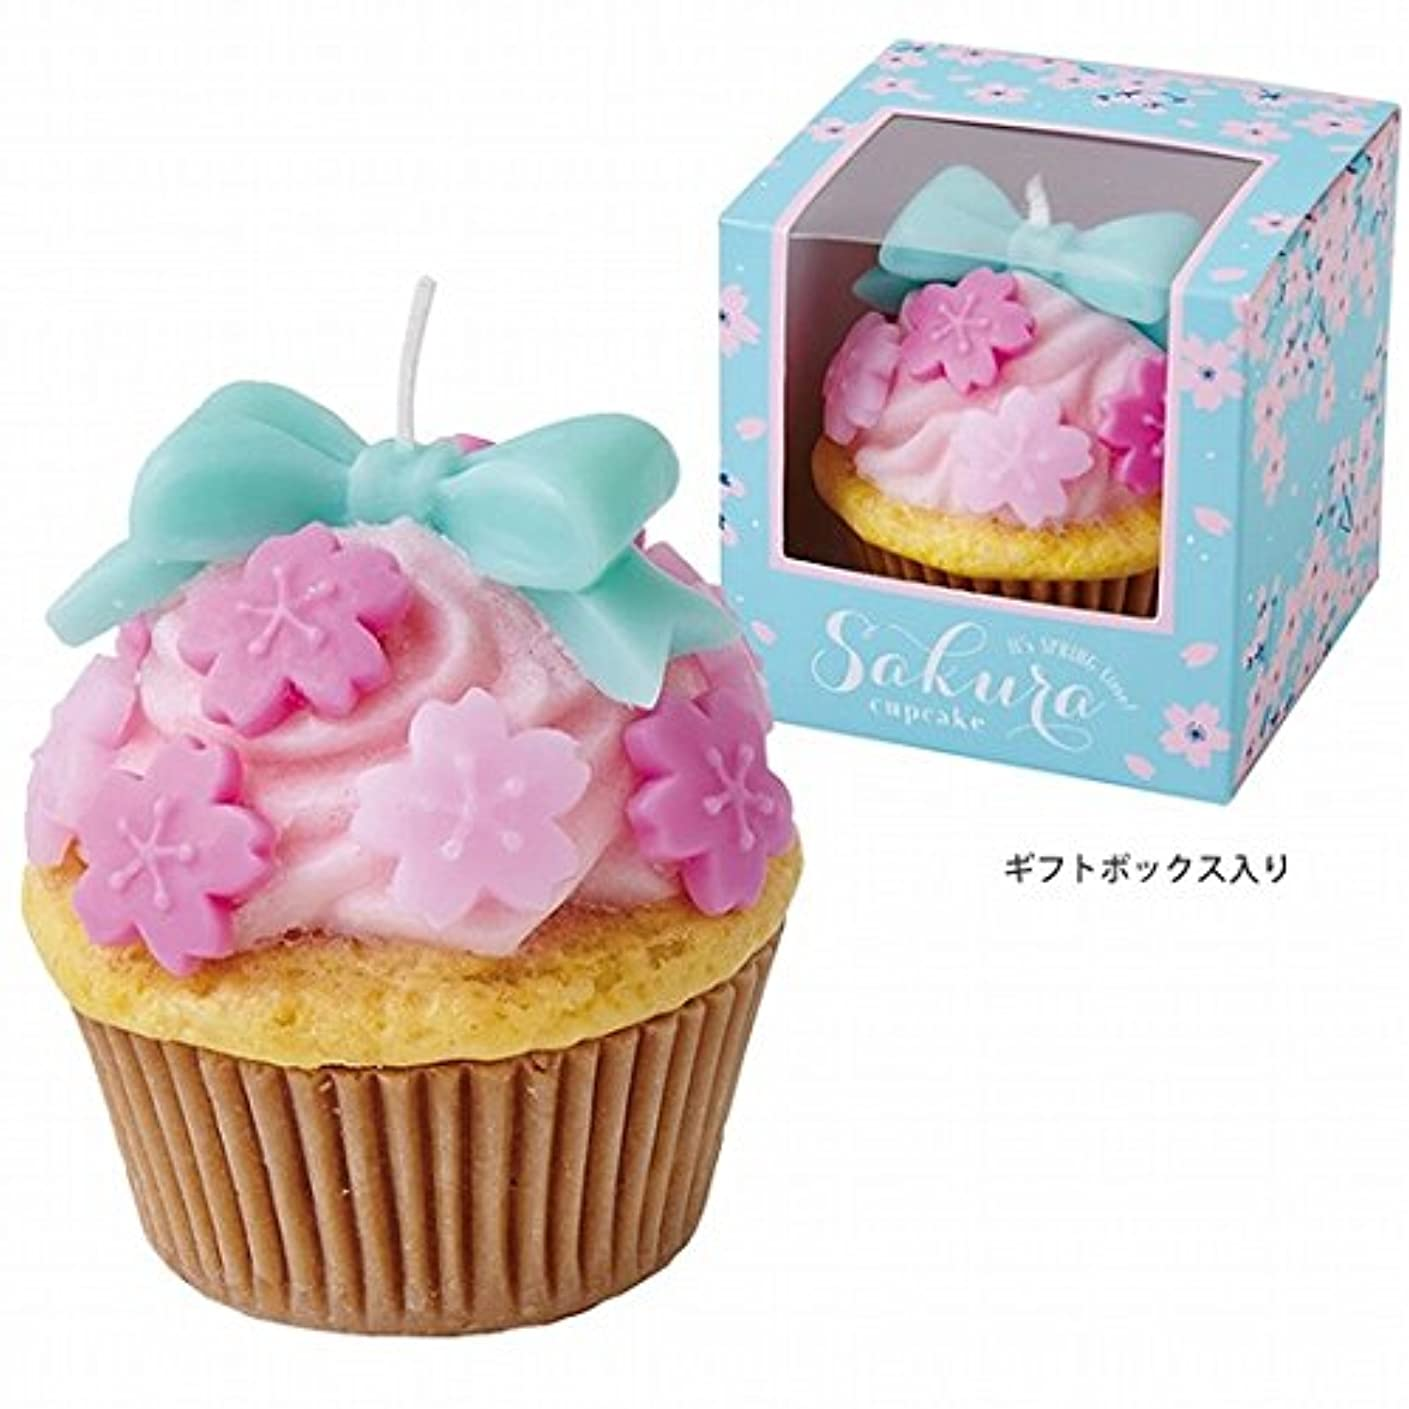 雨引く好奇心カメヤマキャンドル( kameyama candle ) SAKURAカップケーキ キャンドル